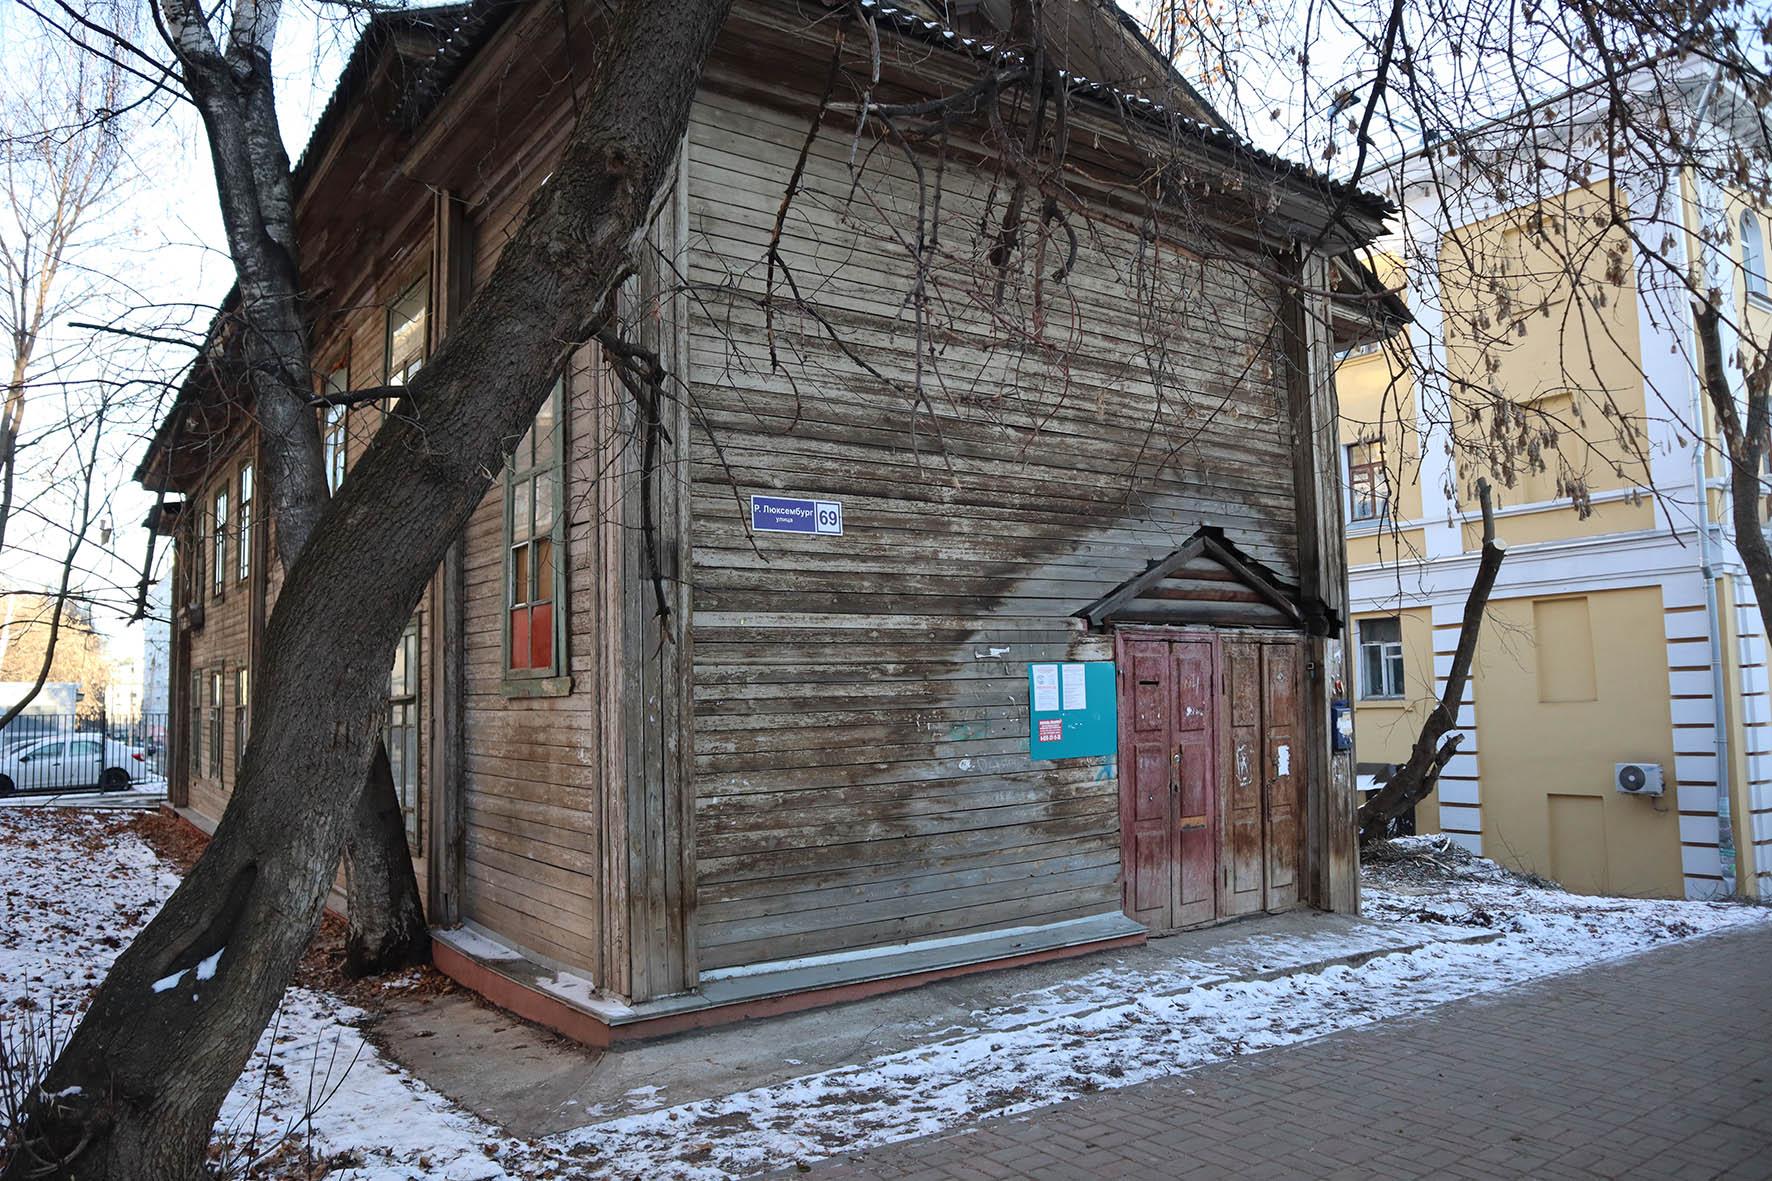 Фасад аварийного деревянного дома будет ремонтироваться за счет фонда капитального ремонта